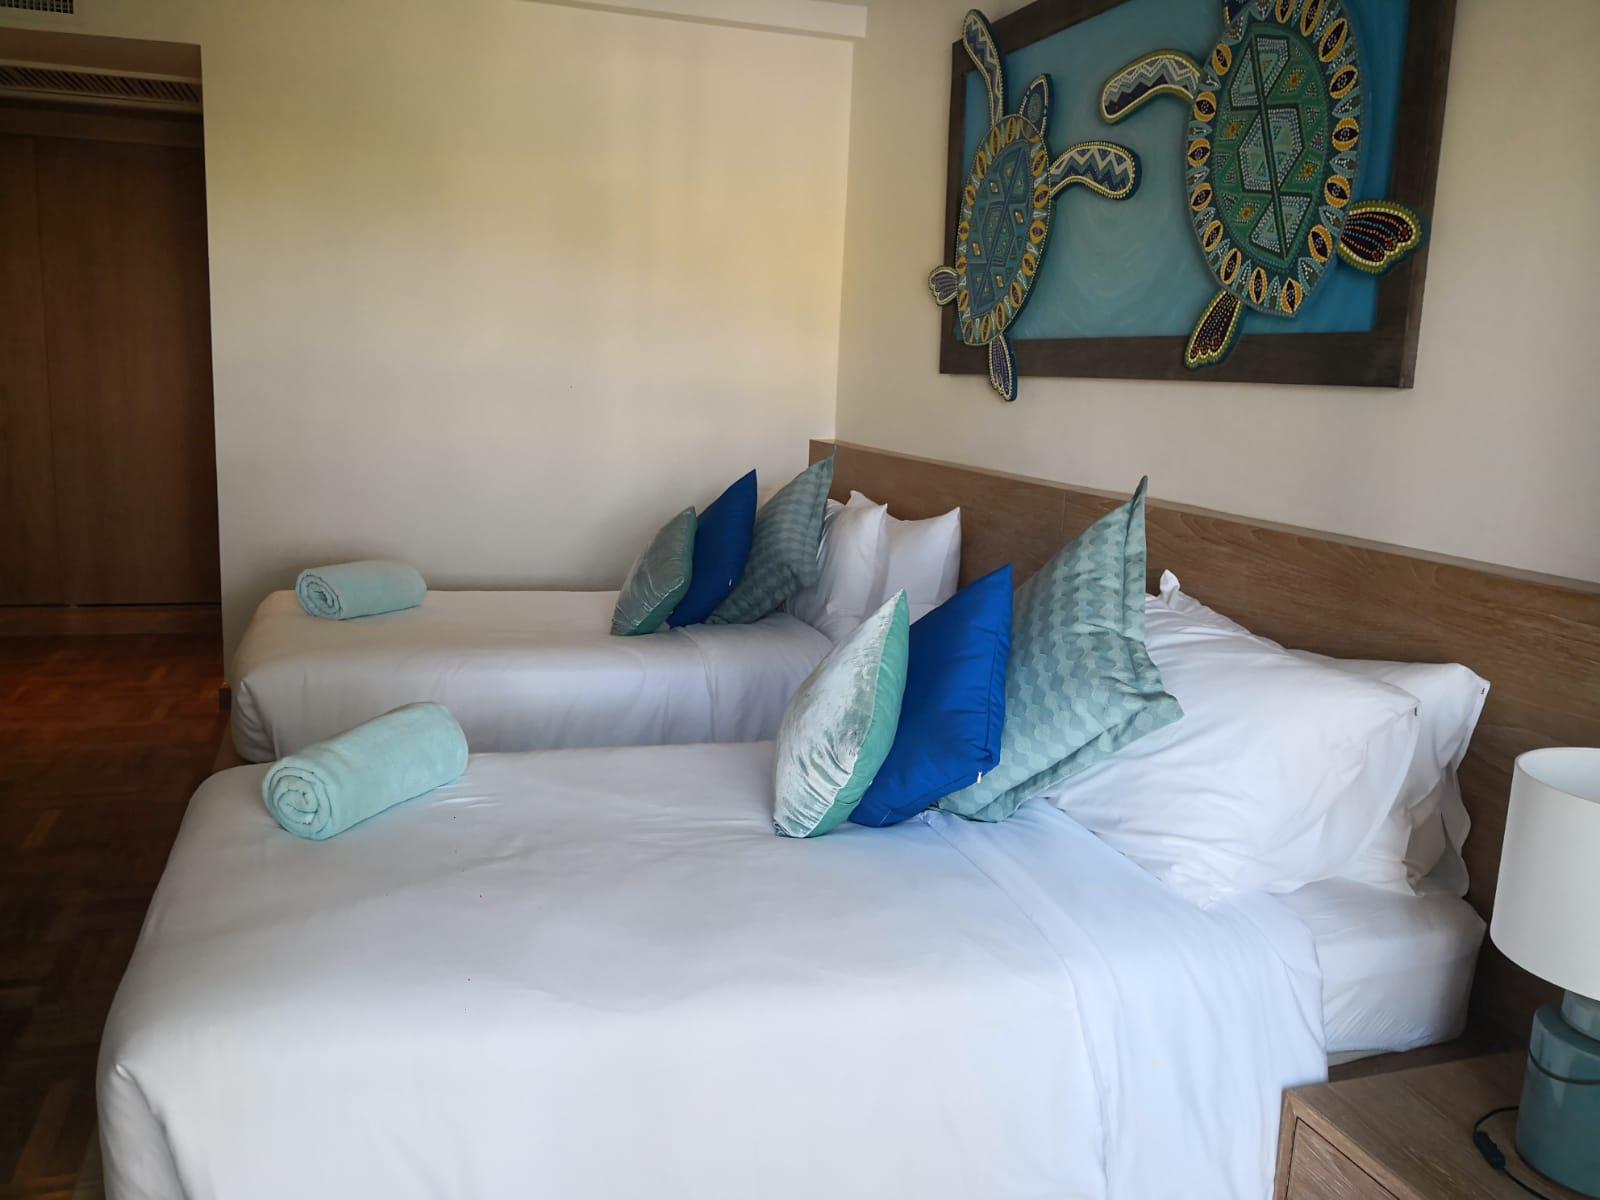 Allamanda 2 Bedroom-8c40f76f-5f91-4af3-9944-0f3368a583c8(1).jpg